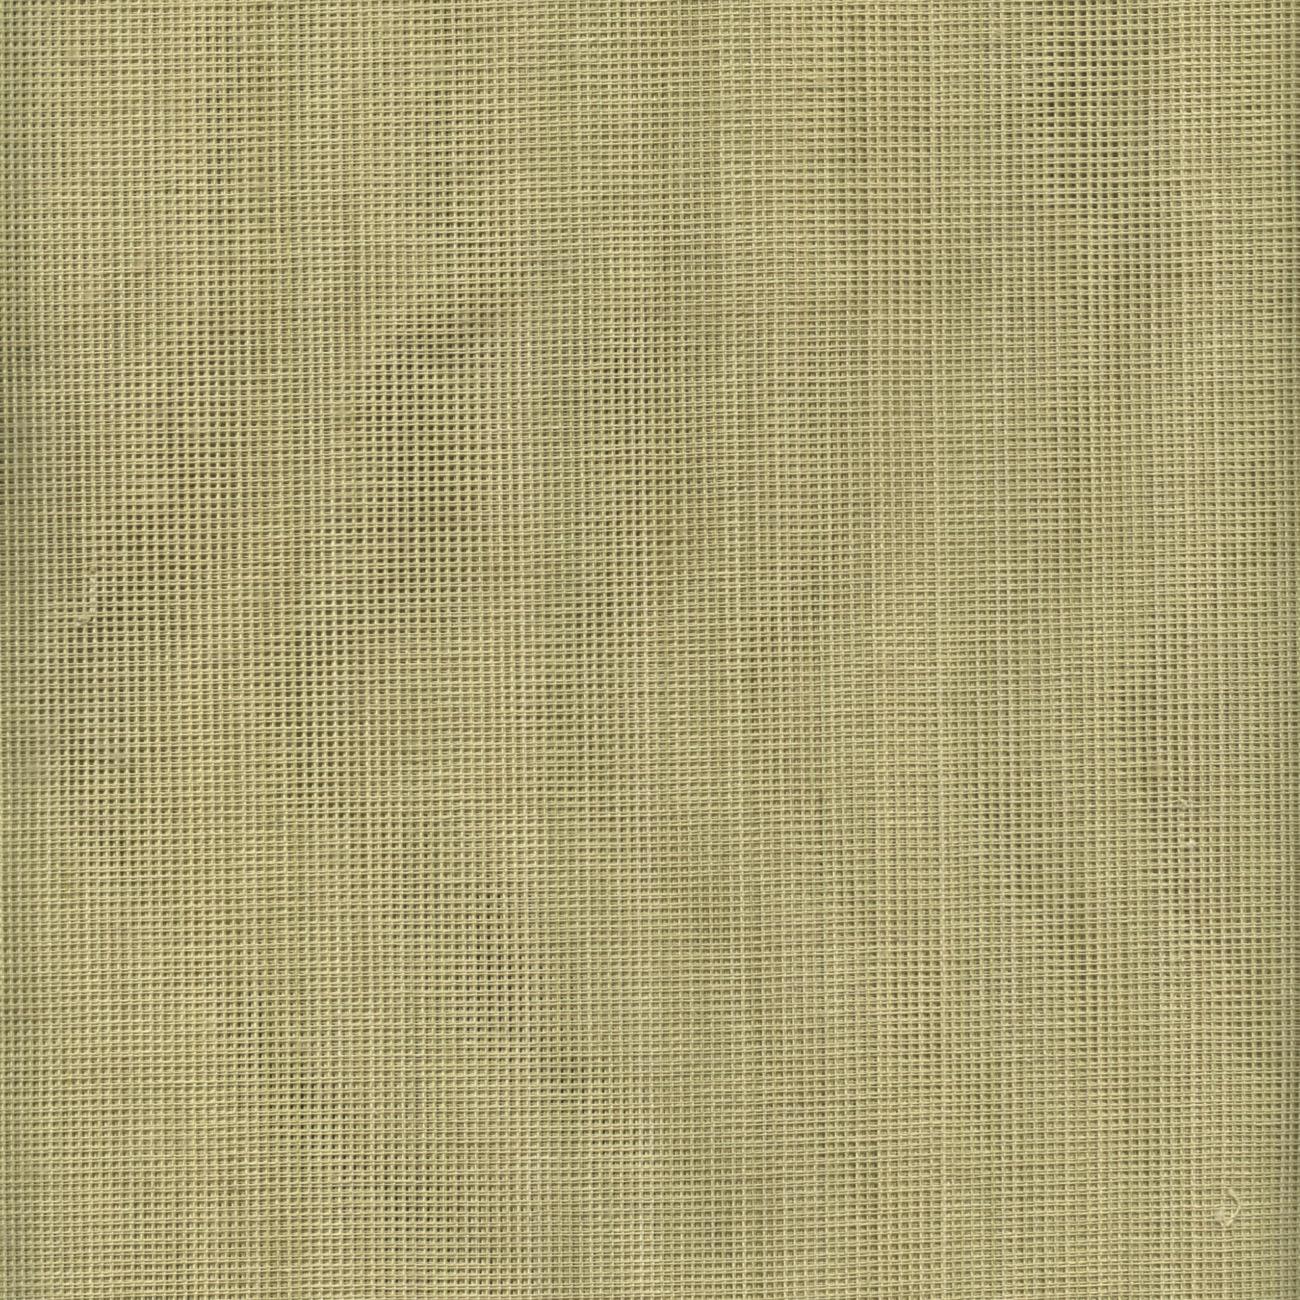 纯棉十字绣网眼布